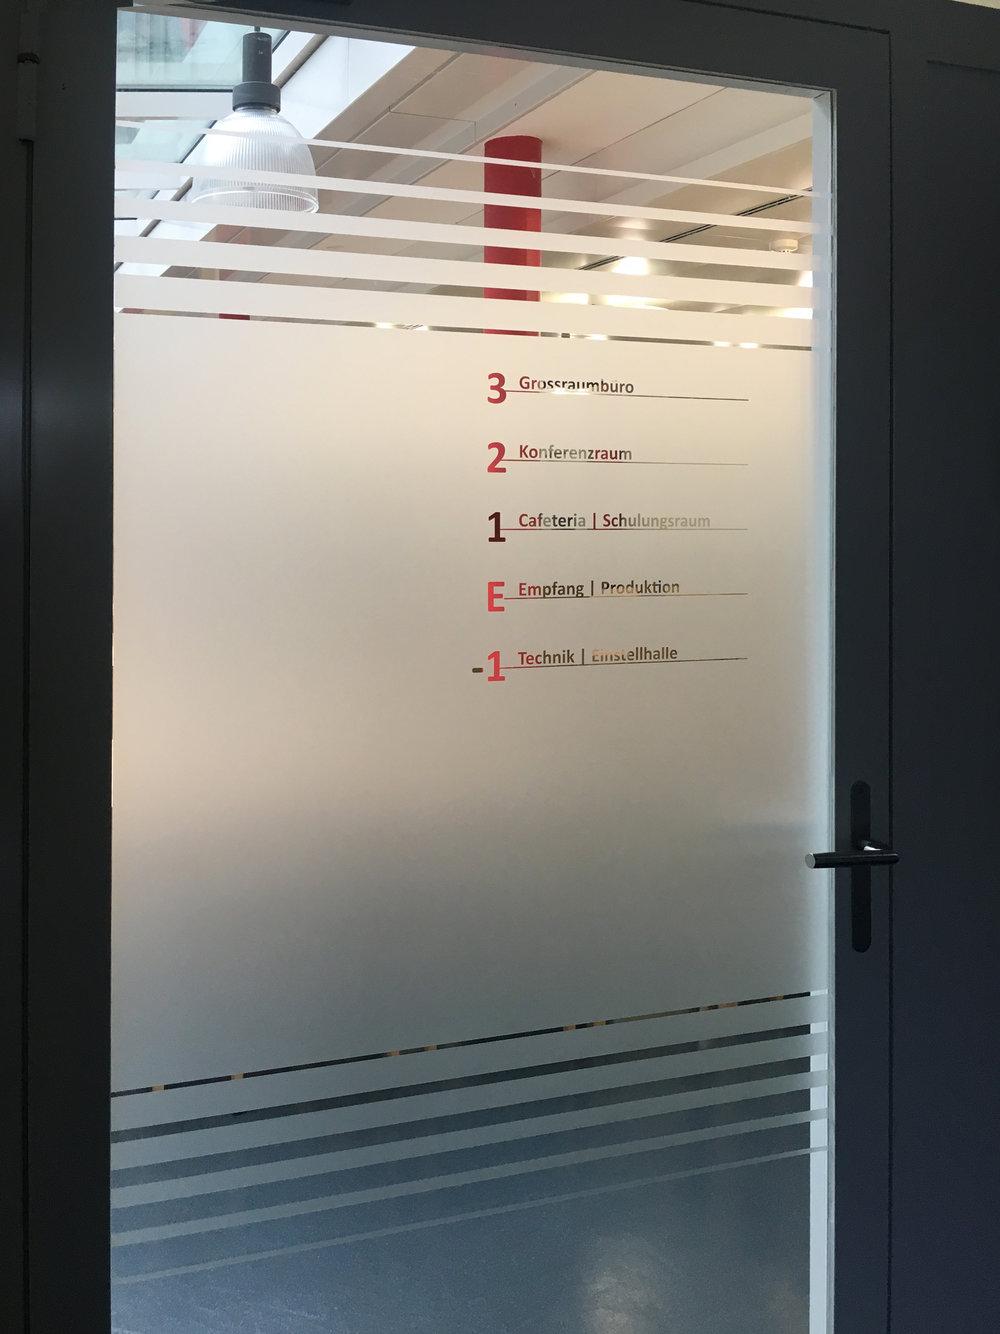 Sichtschutz mit integrierter Beschriftung